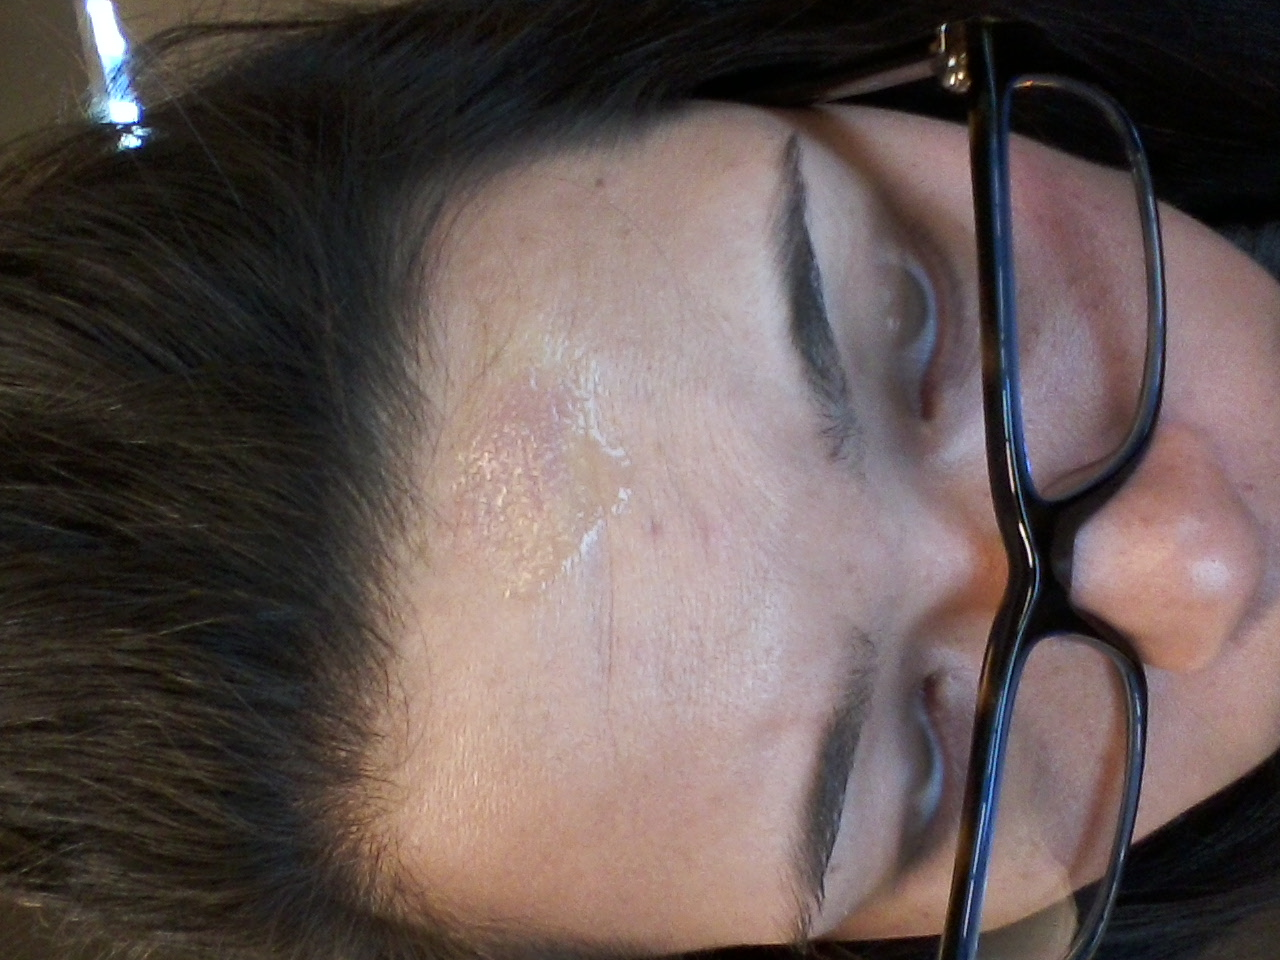 Hydrochloric Acid Burn...